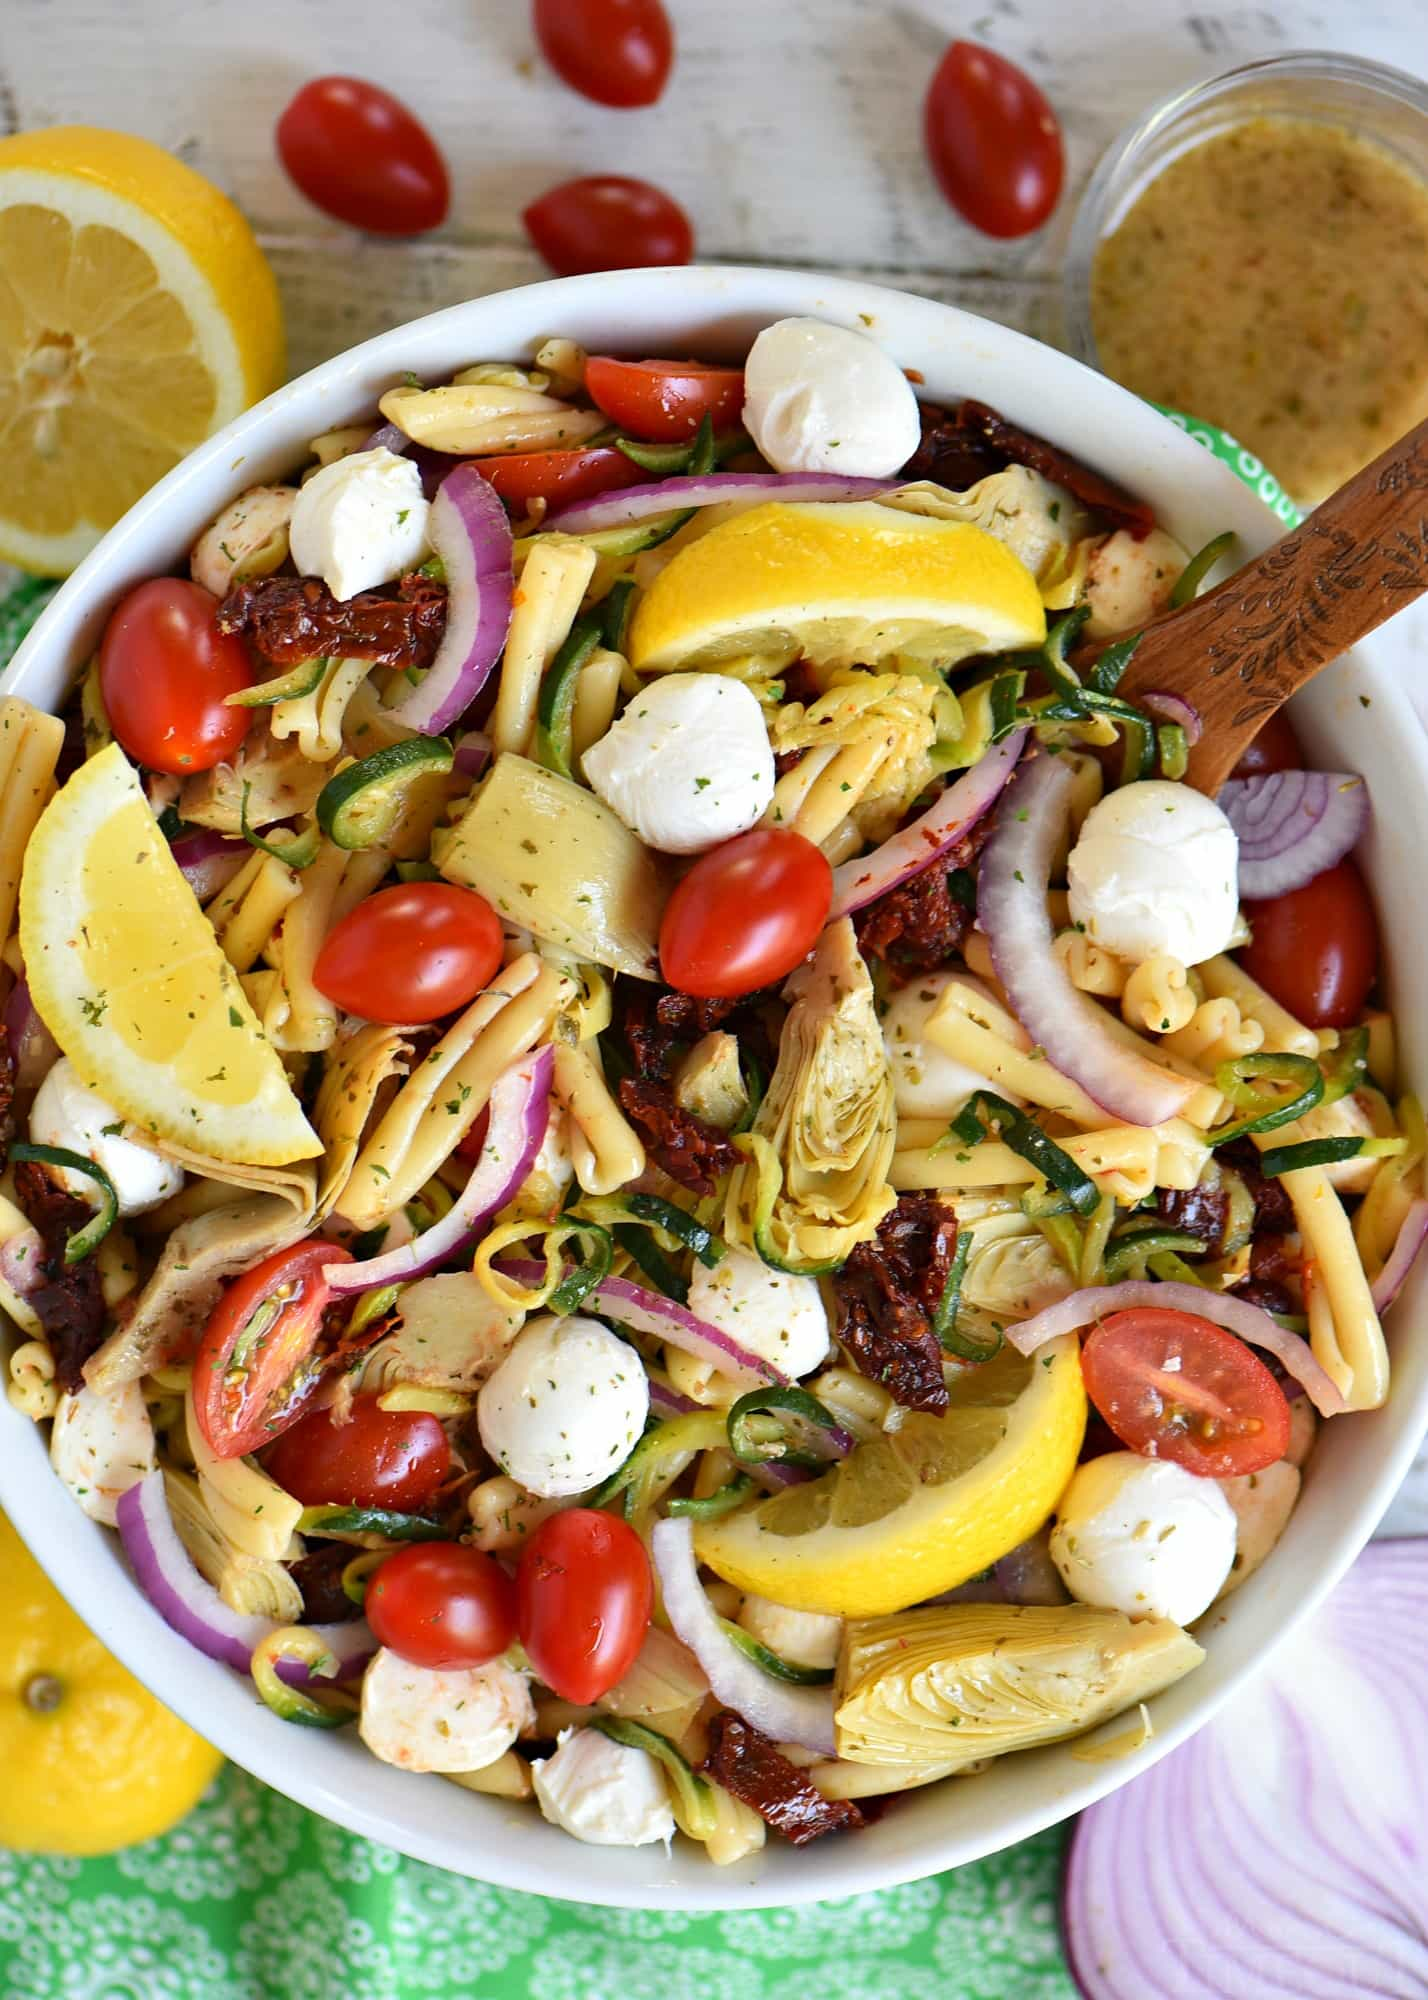 zucchini-noodle-pasta-salad-recipe